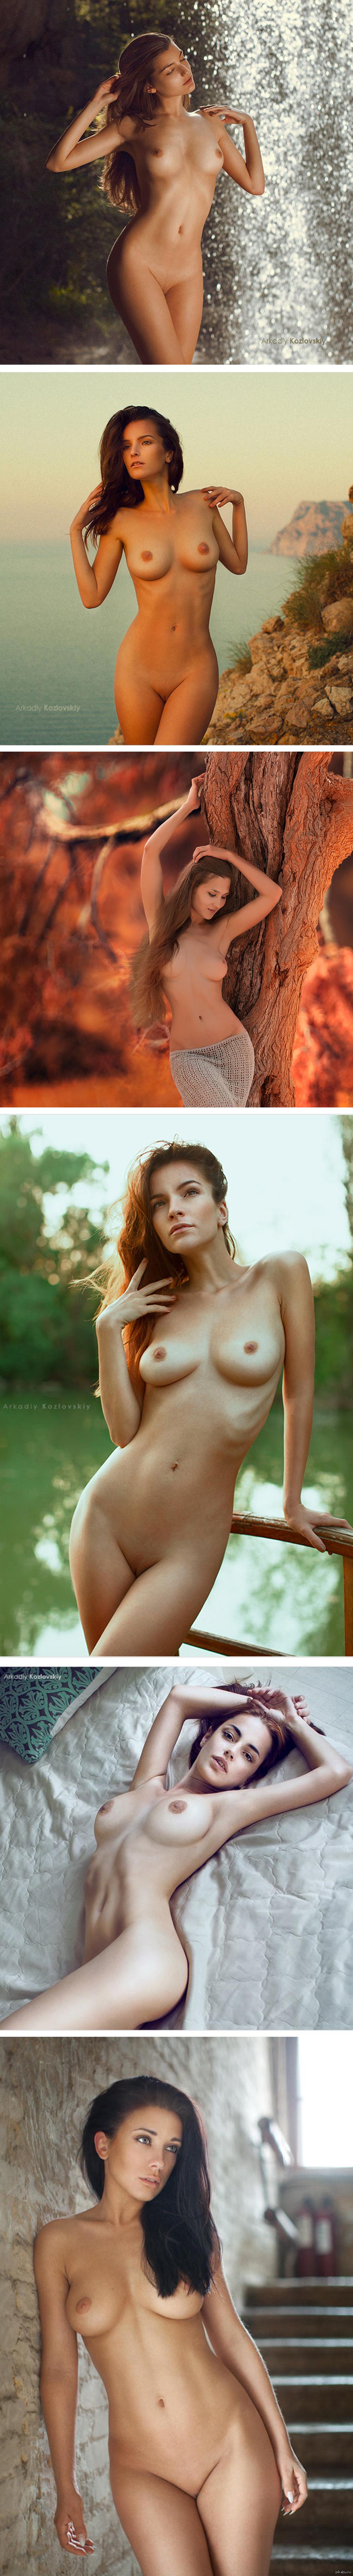 елена лисовская голая фото так сильно